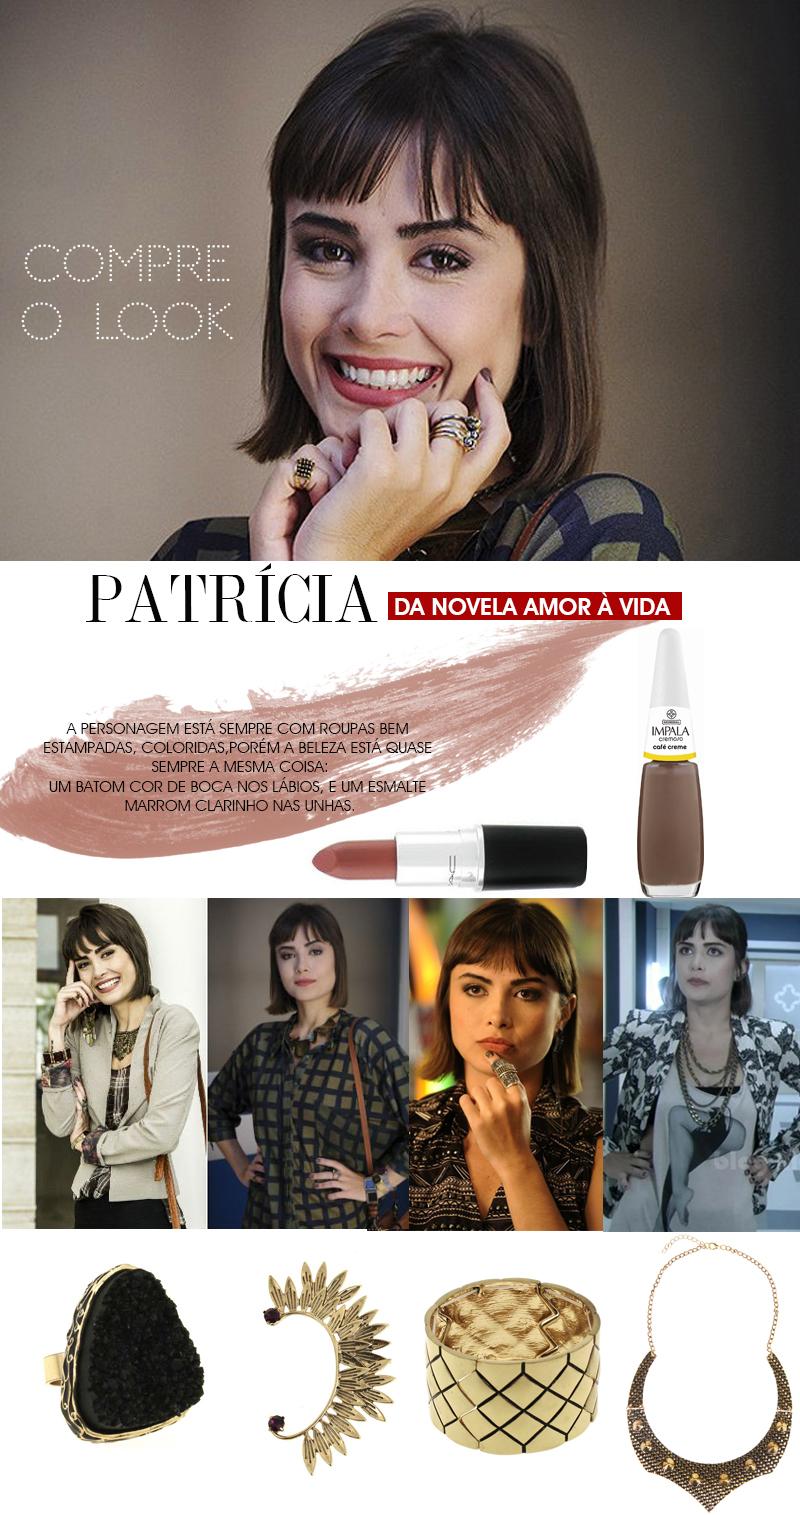 Compre o look da personagem Patrícia de amor à vida veja qual o batom mac e esmalte a personagem usa na novela